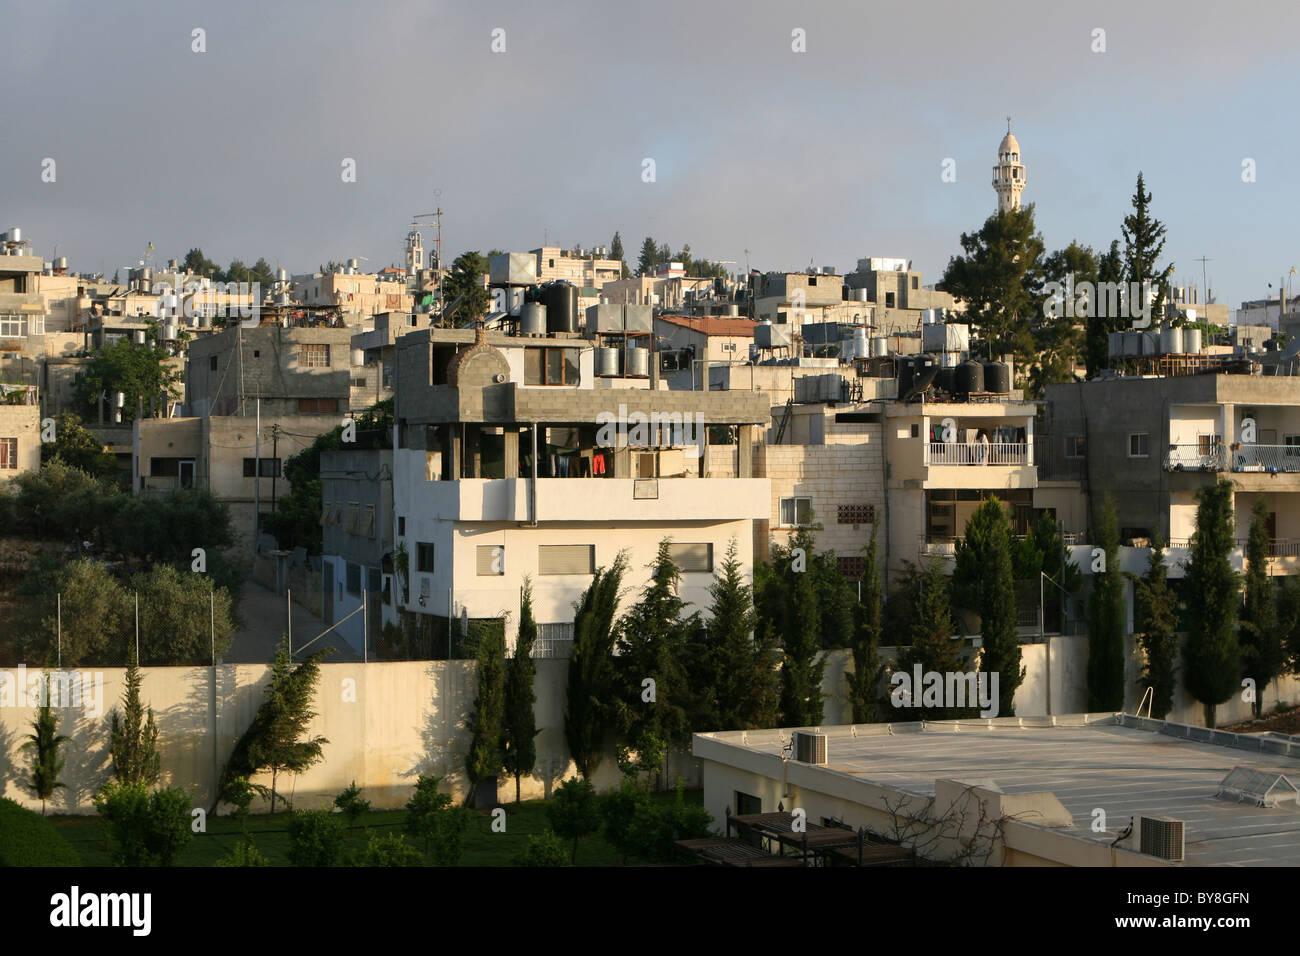 Maisons plusieurs étages de Palestiniens de façon compacte montée sur cette colline à Bethléem, Photo Stock